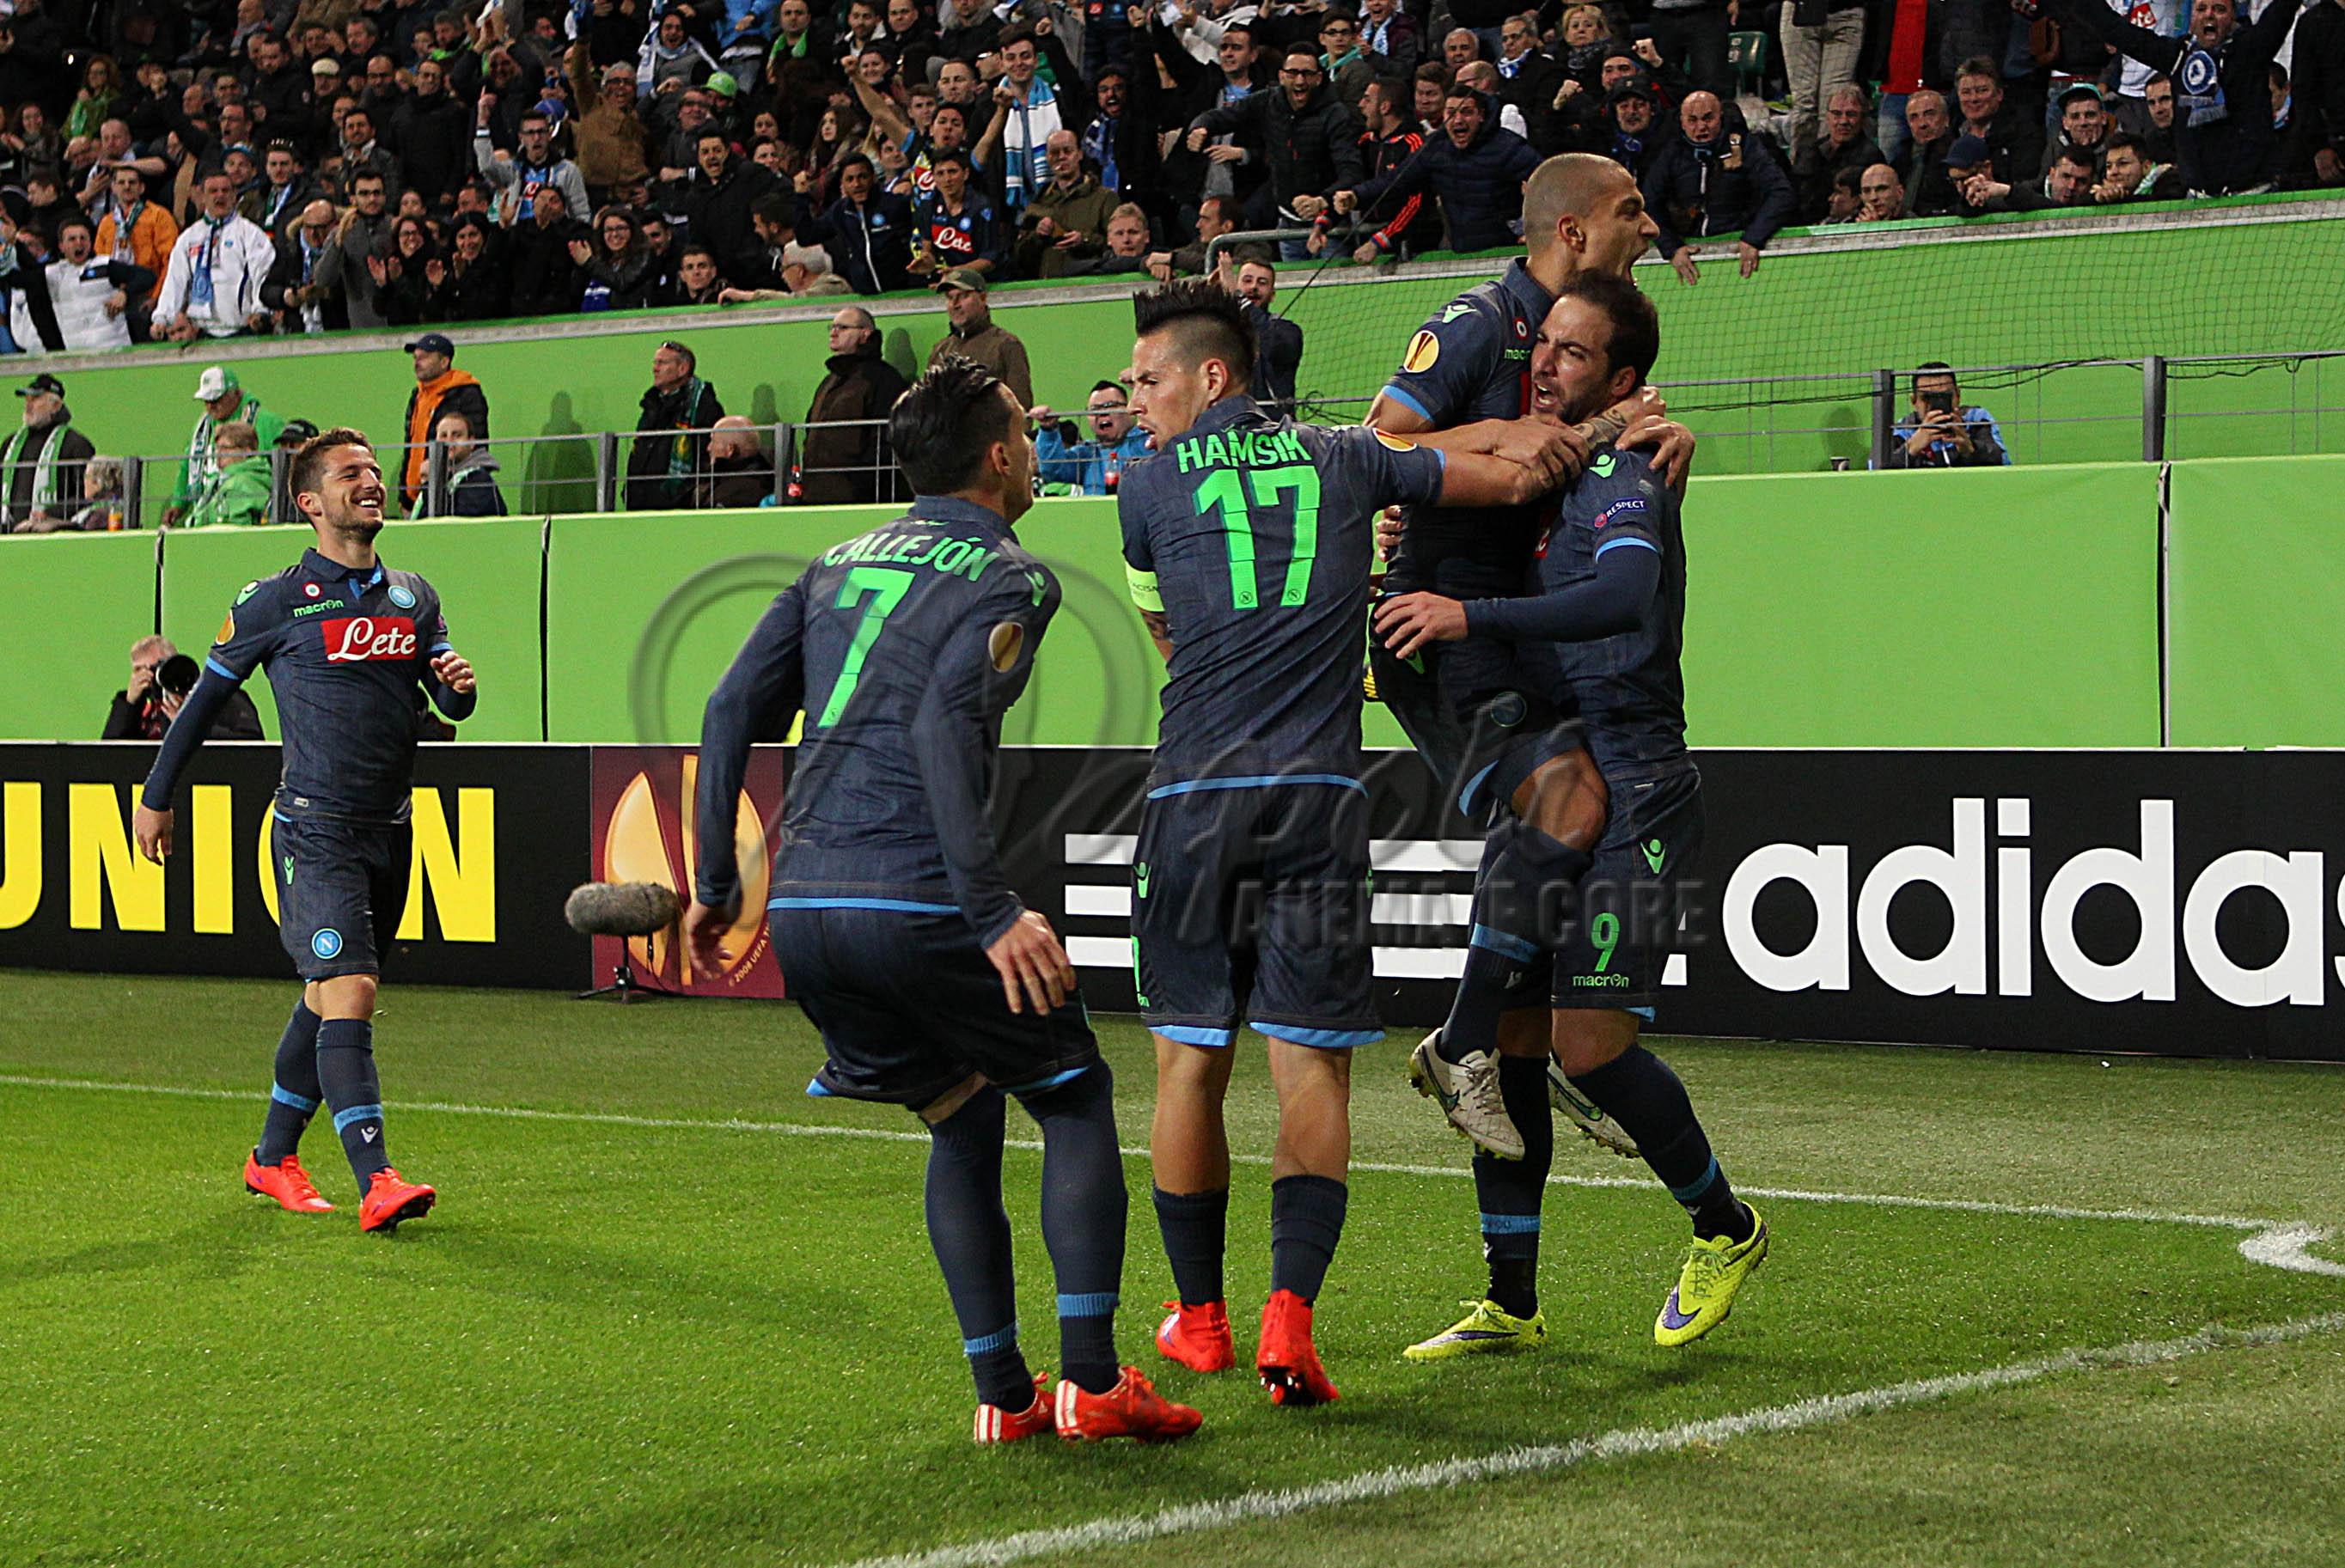 La gioia del Napoli dopo il gol iniziale di Higuain alla Volkswagen Arena di Wolfsburg